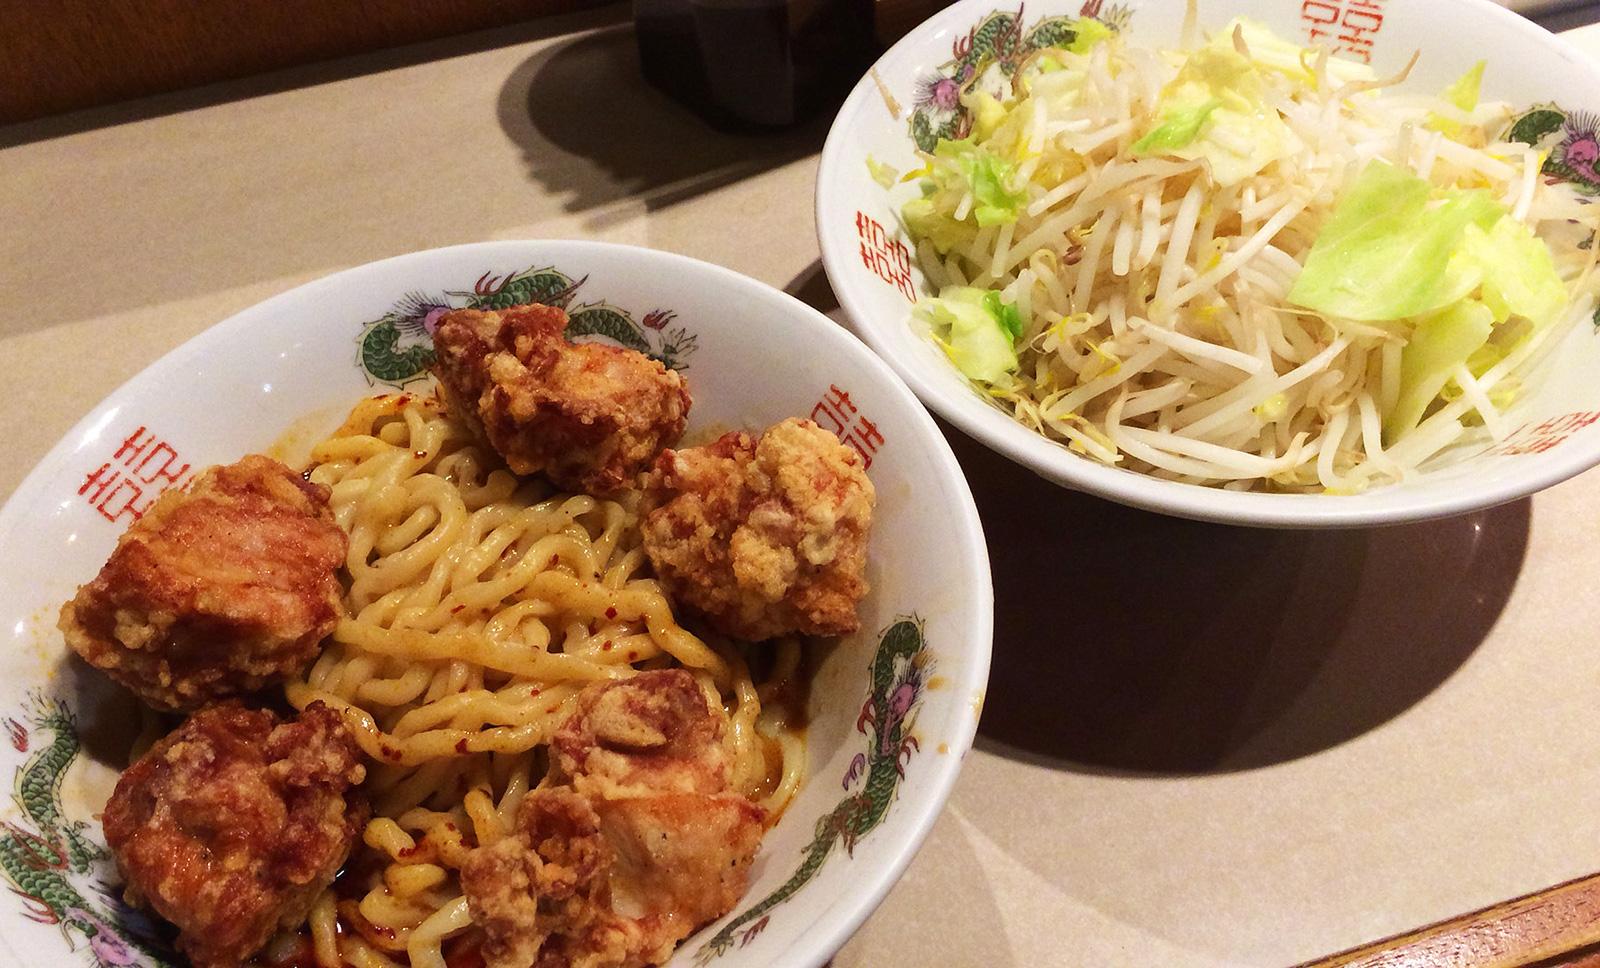 デブソバ リパブリックのハイパー汁なしタンタン麺とり唐ボンバー @豊山町